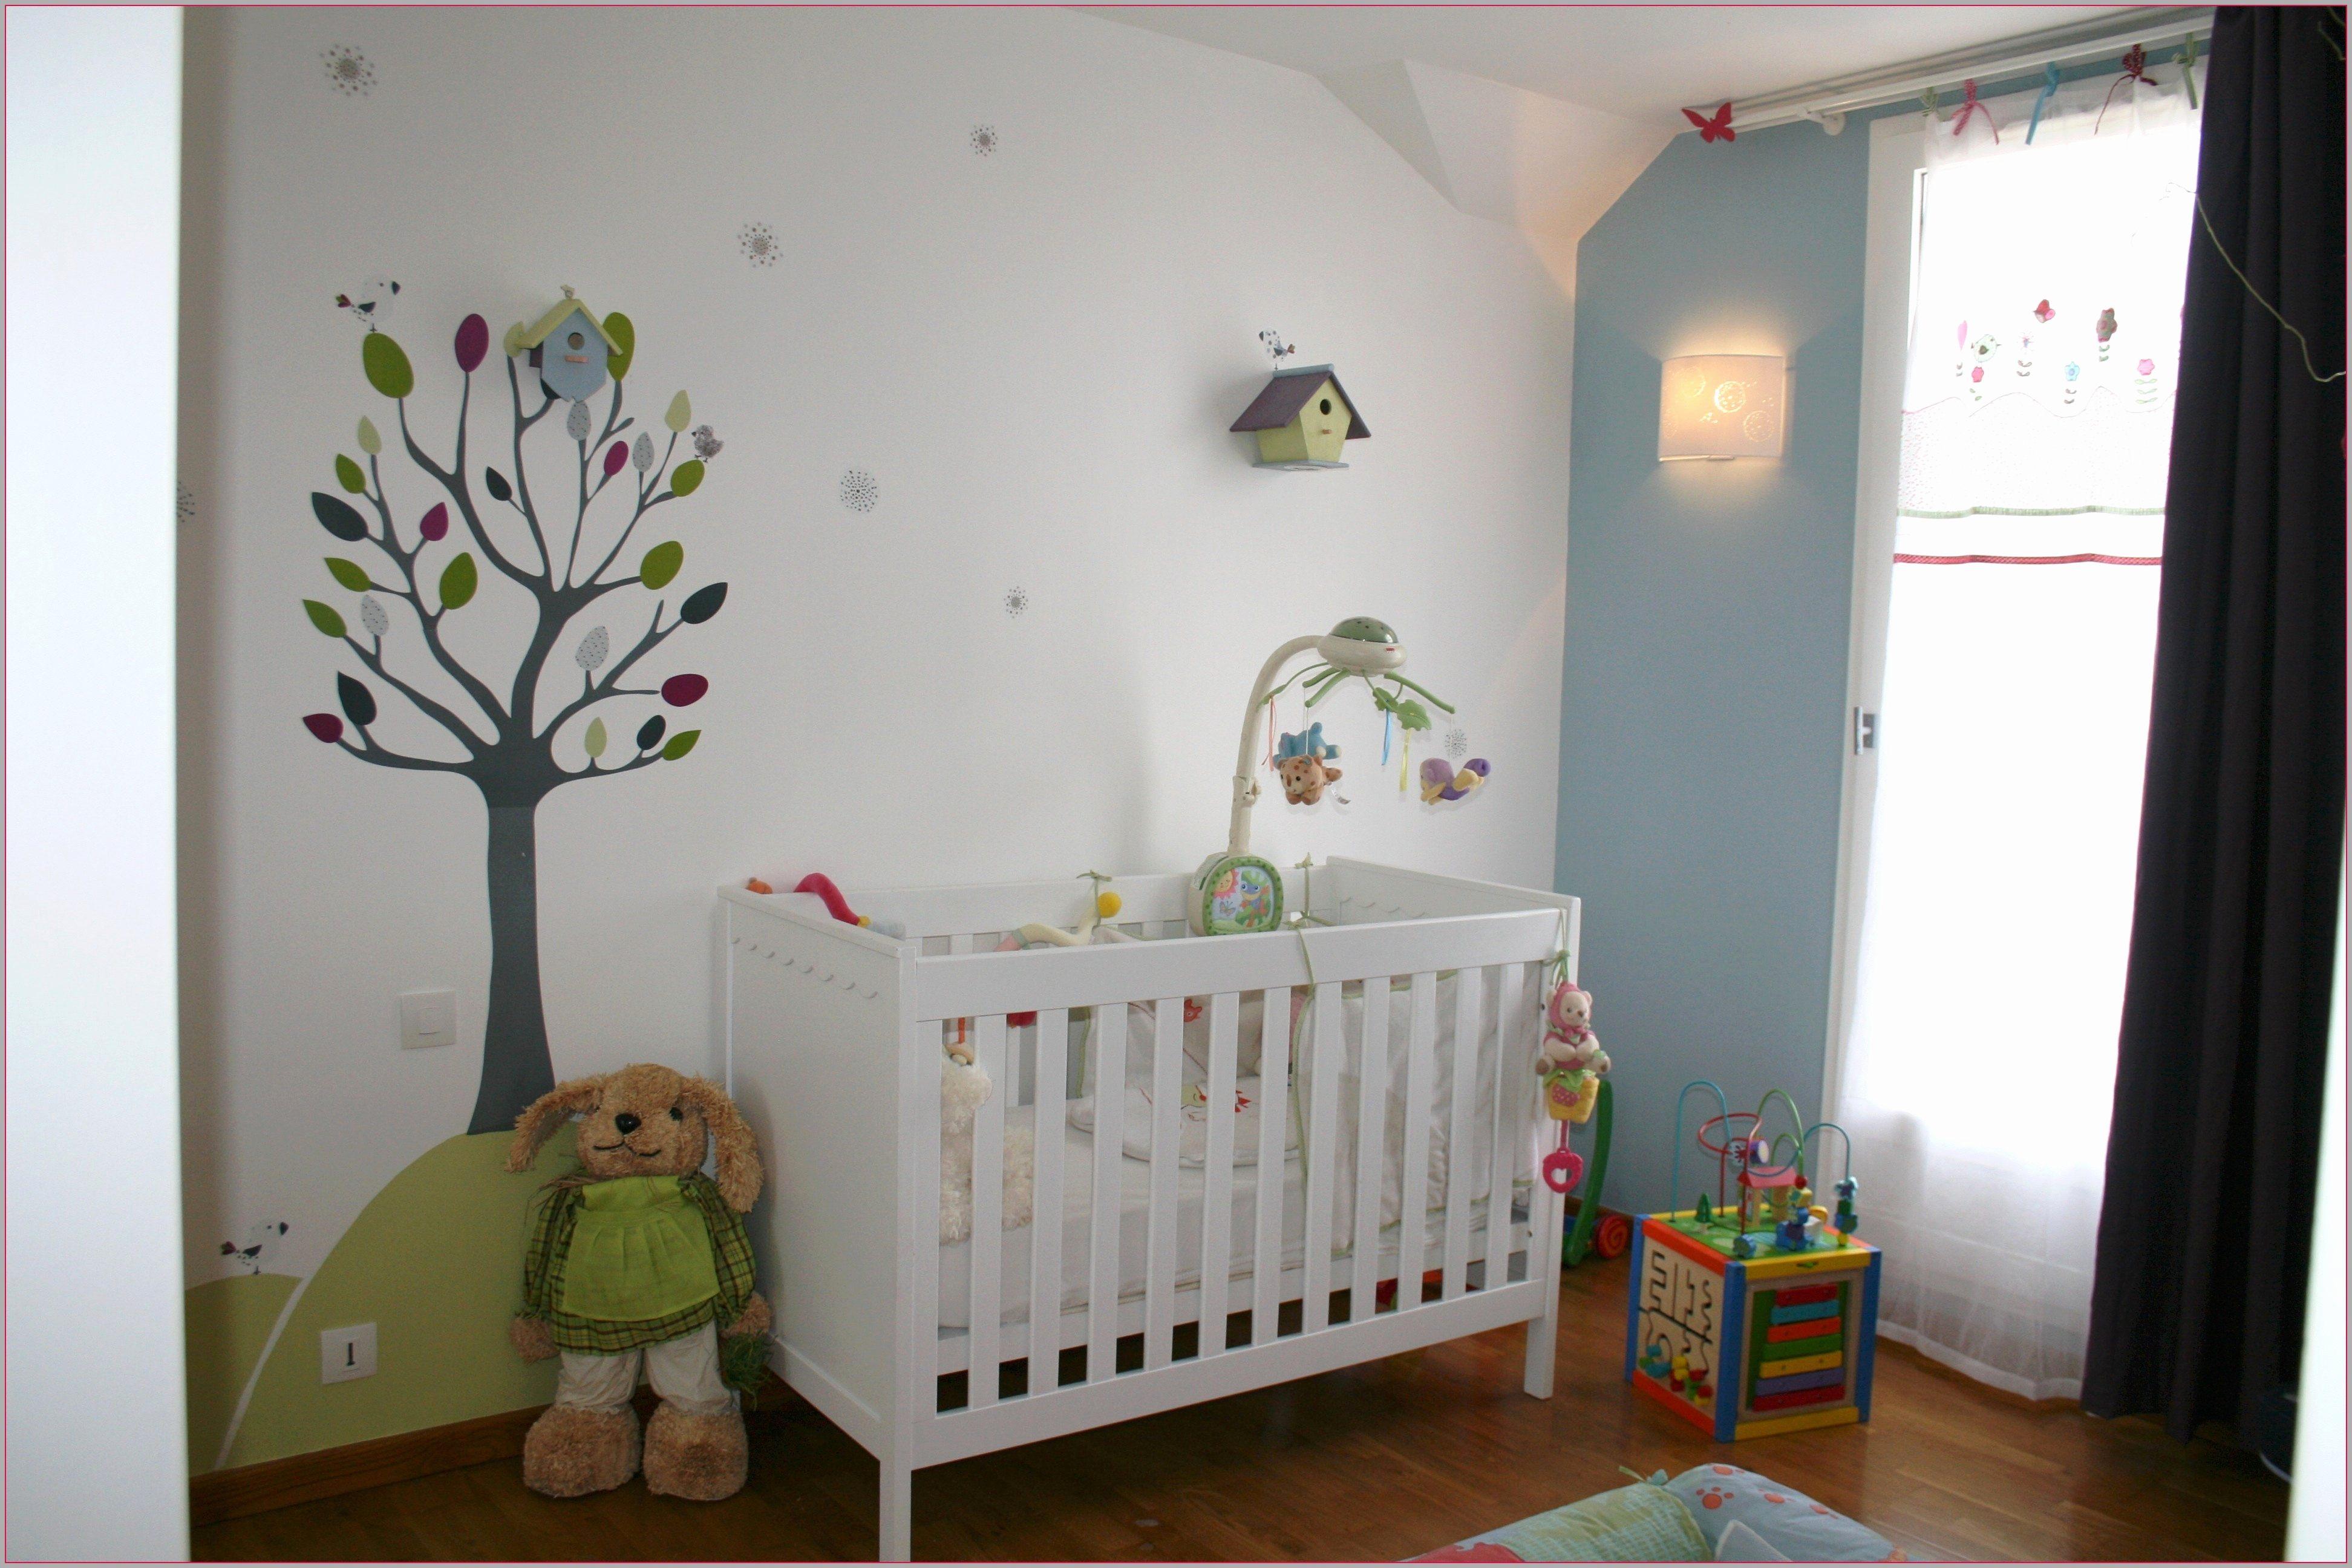 Lit Bébé Bio Nouveau Meilleur Lit Bébé Bébé Confort Baignoire New Armoire Chambre Bébé